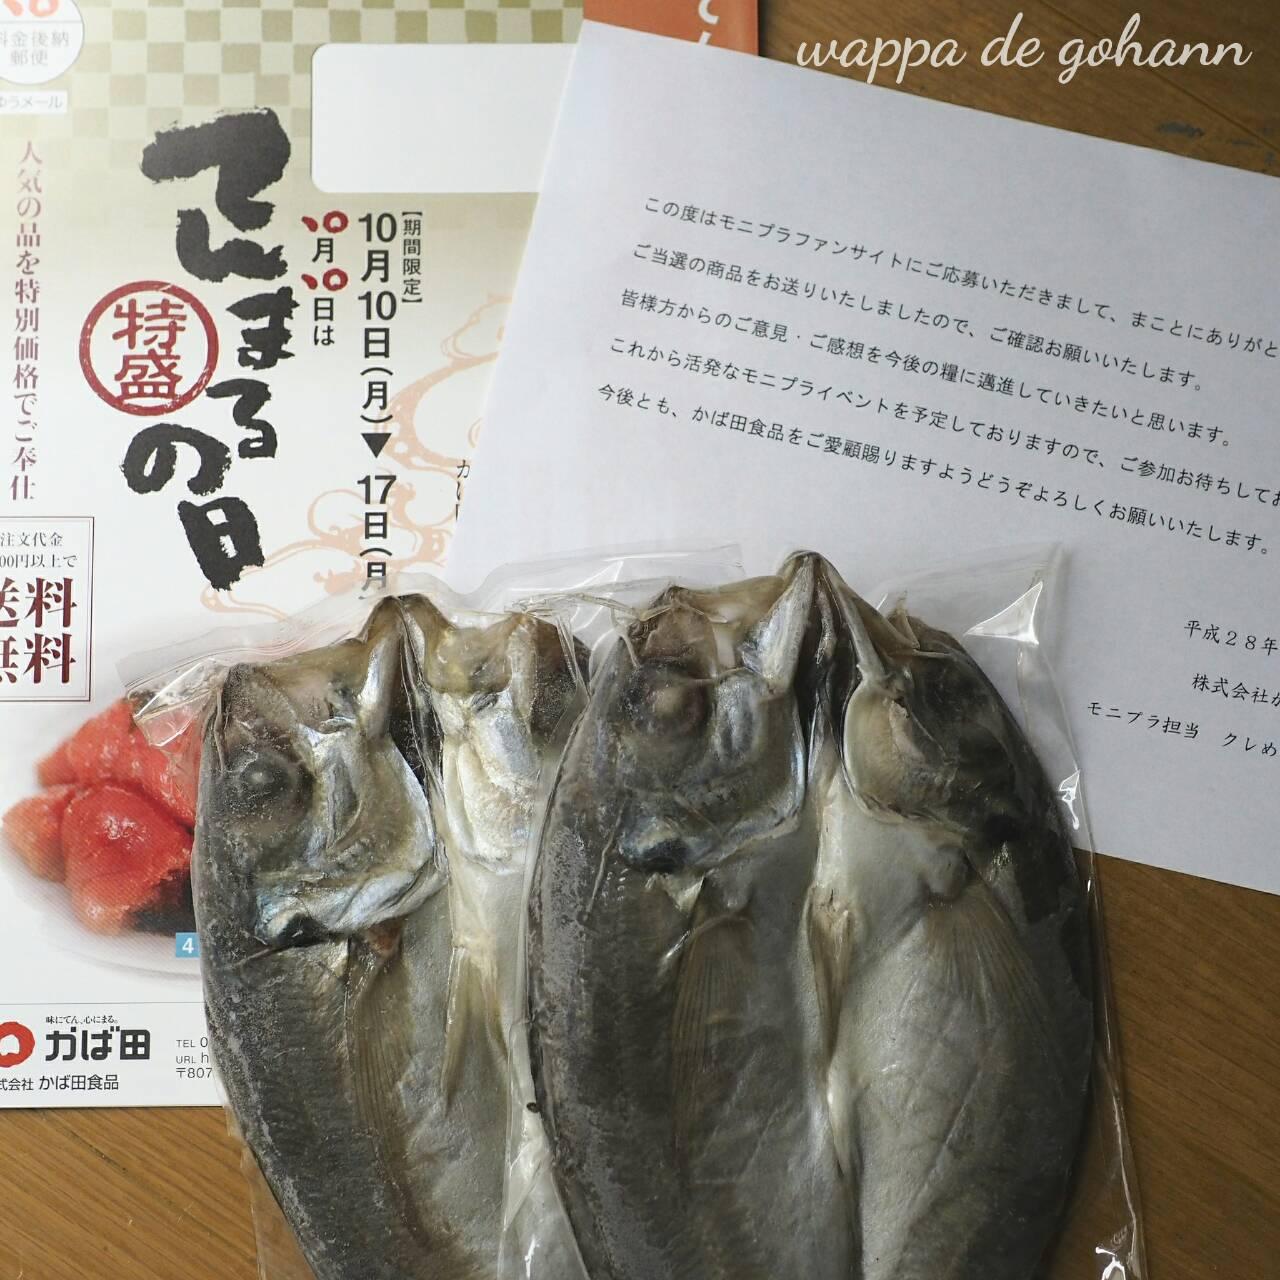 かば田食品